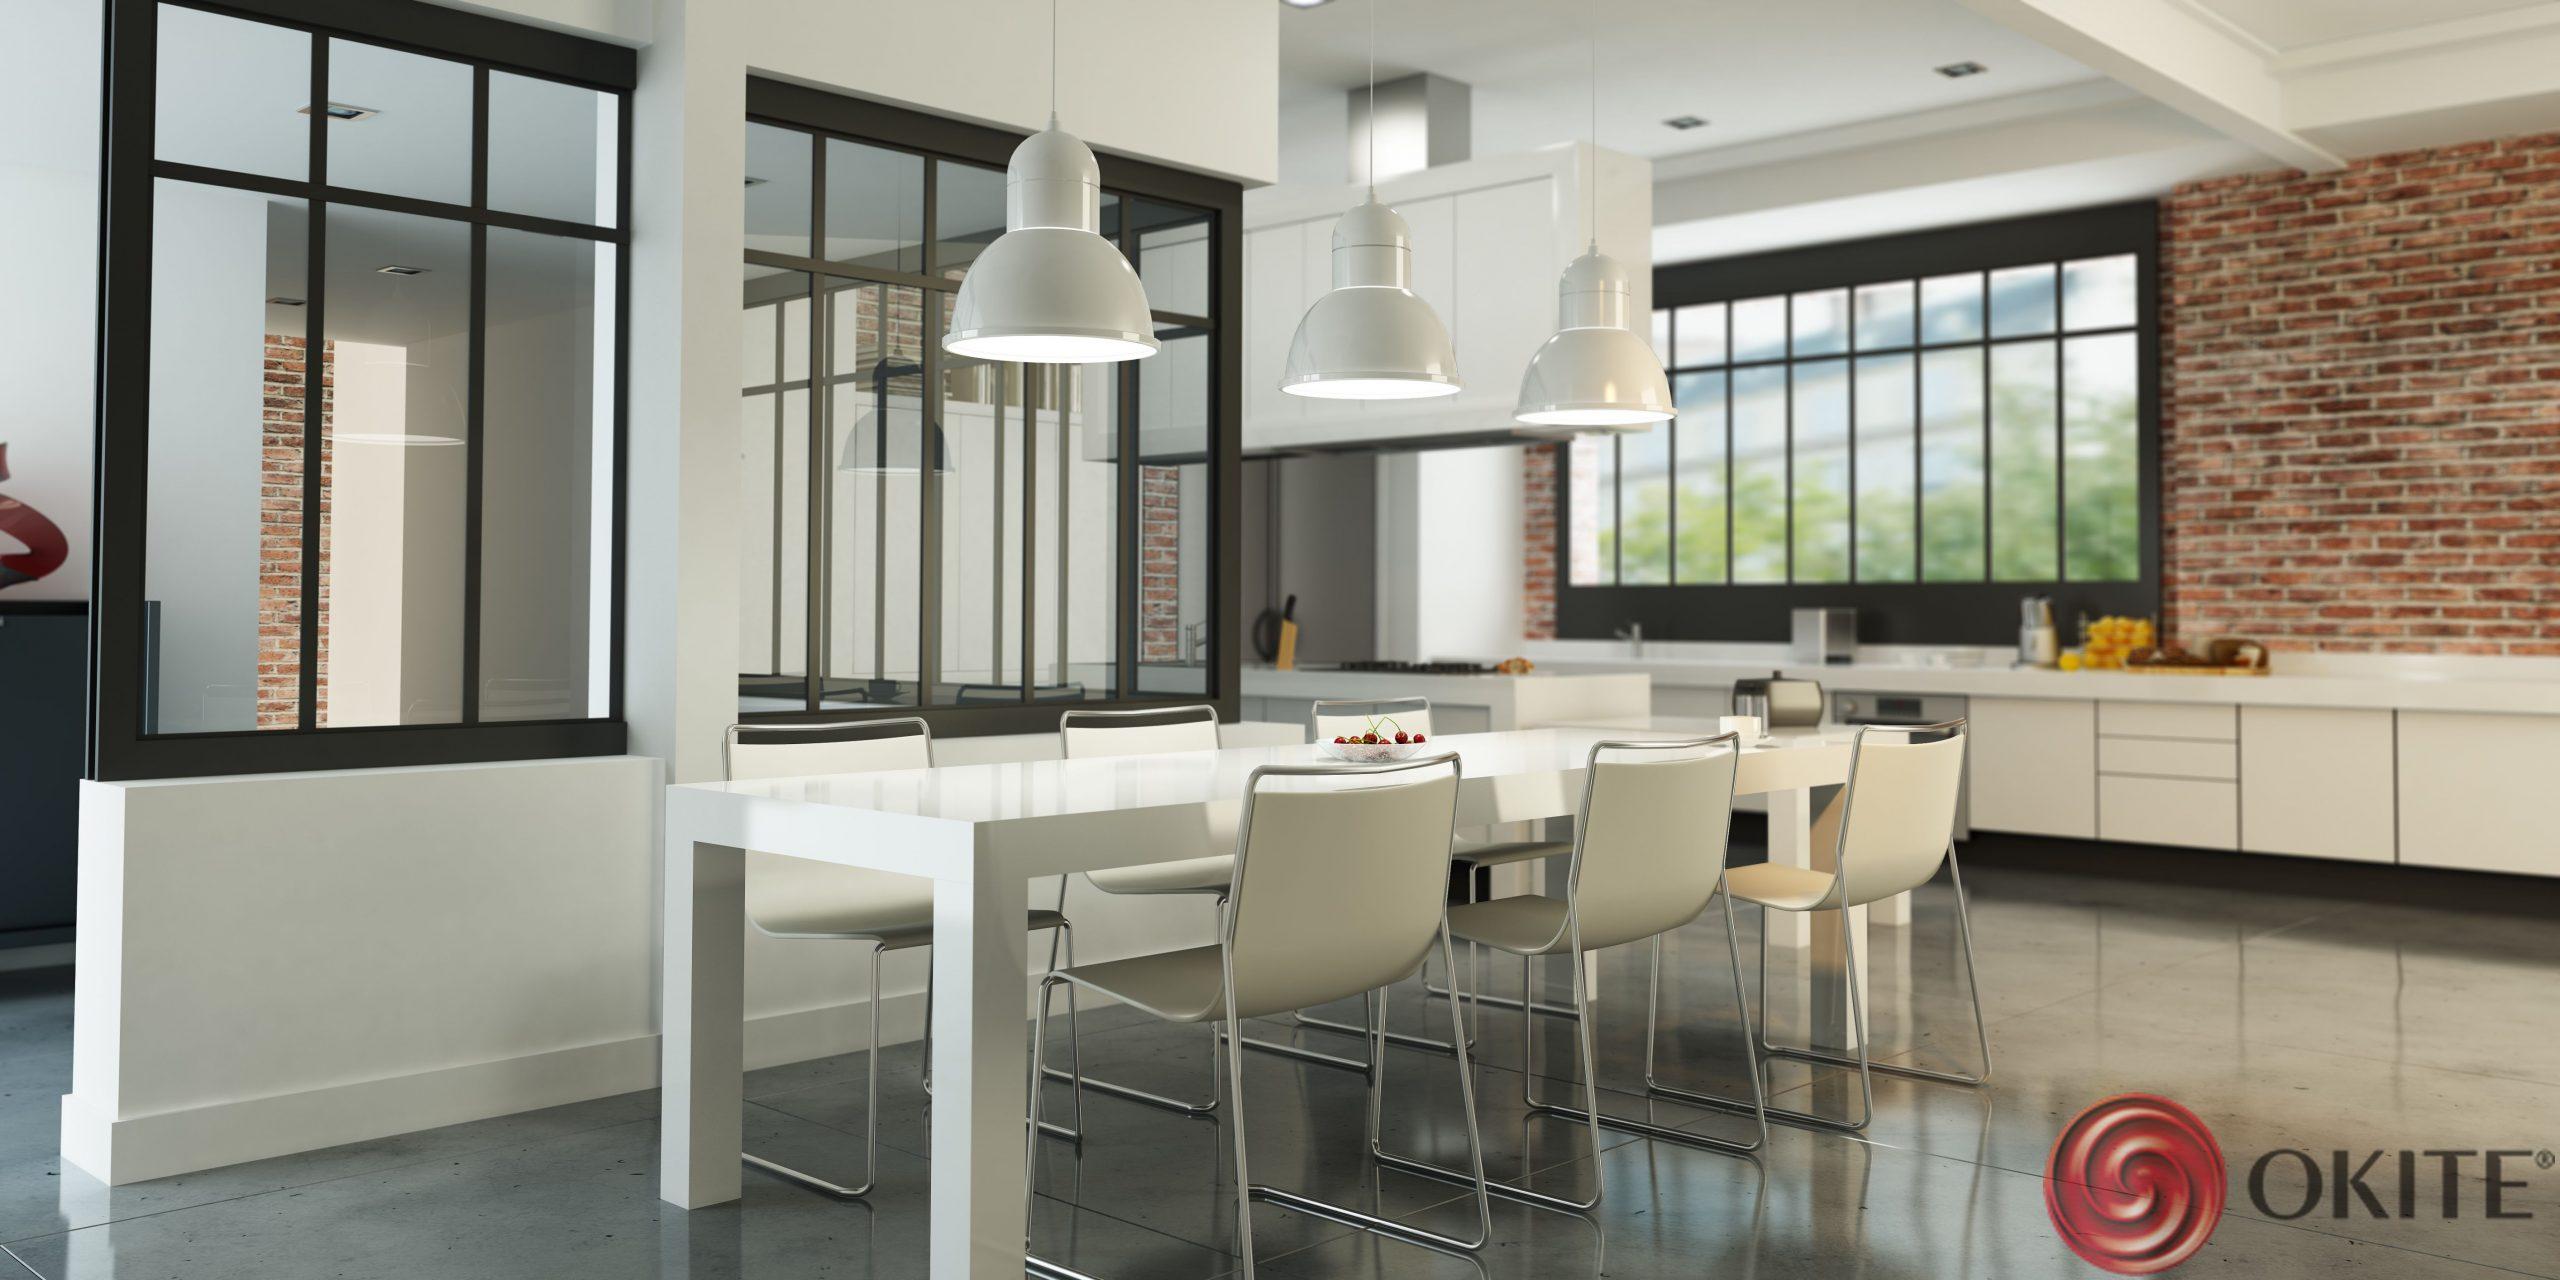 biela kuchyňa Okite